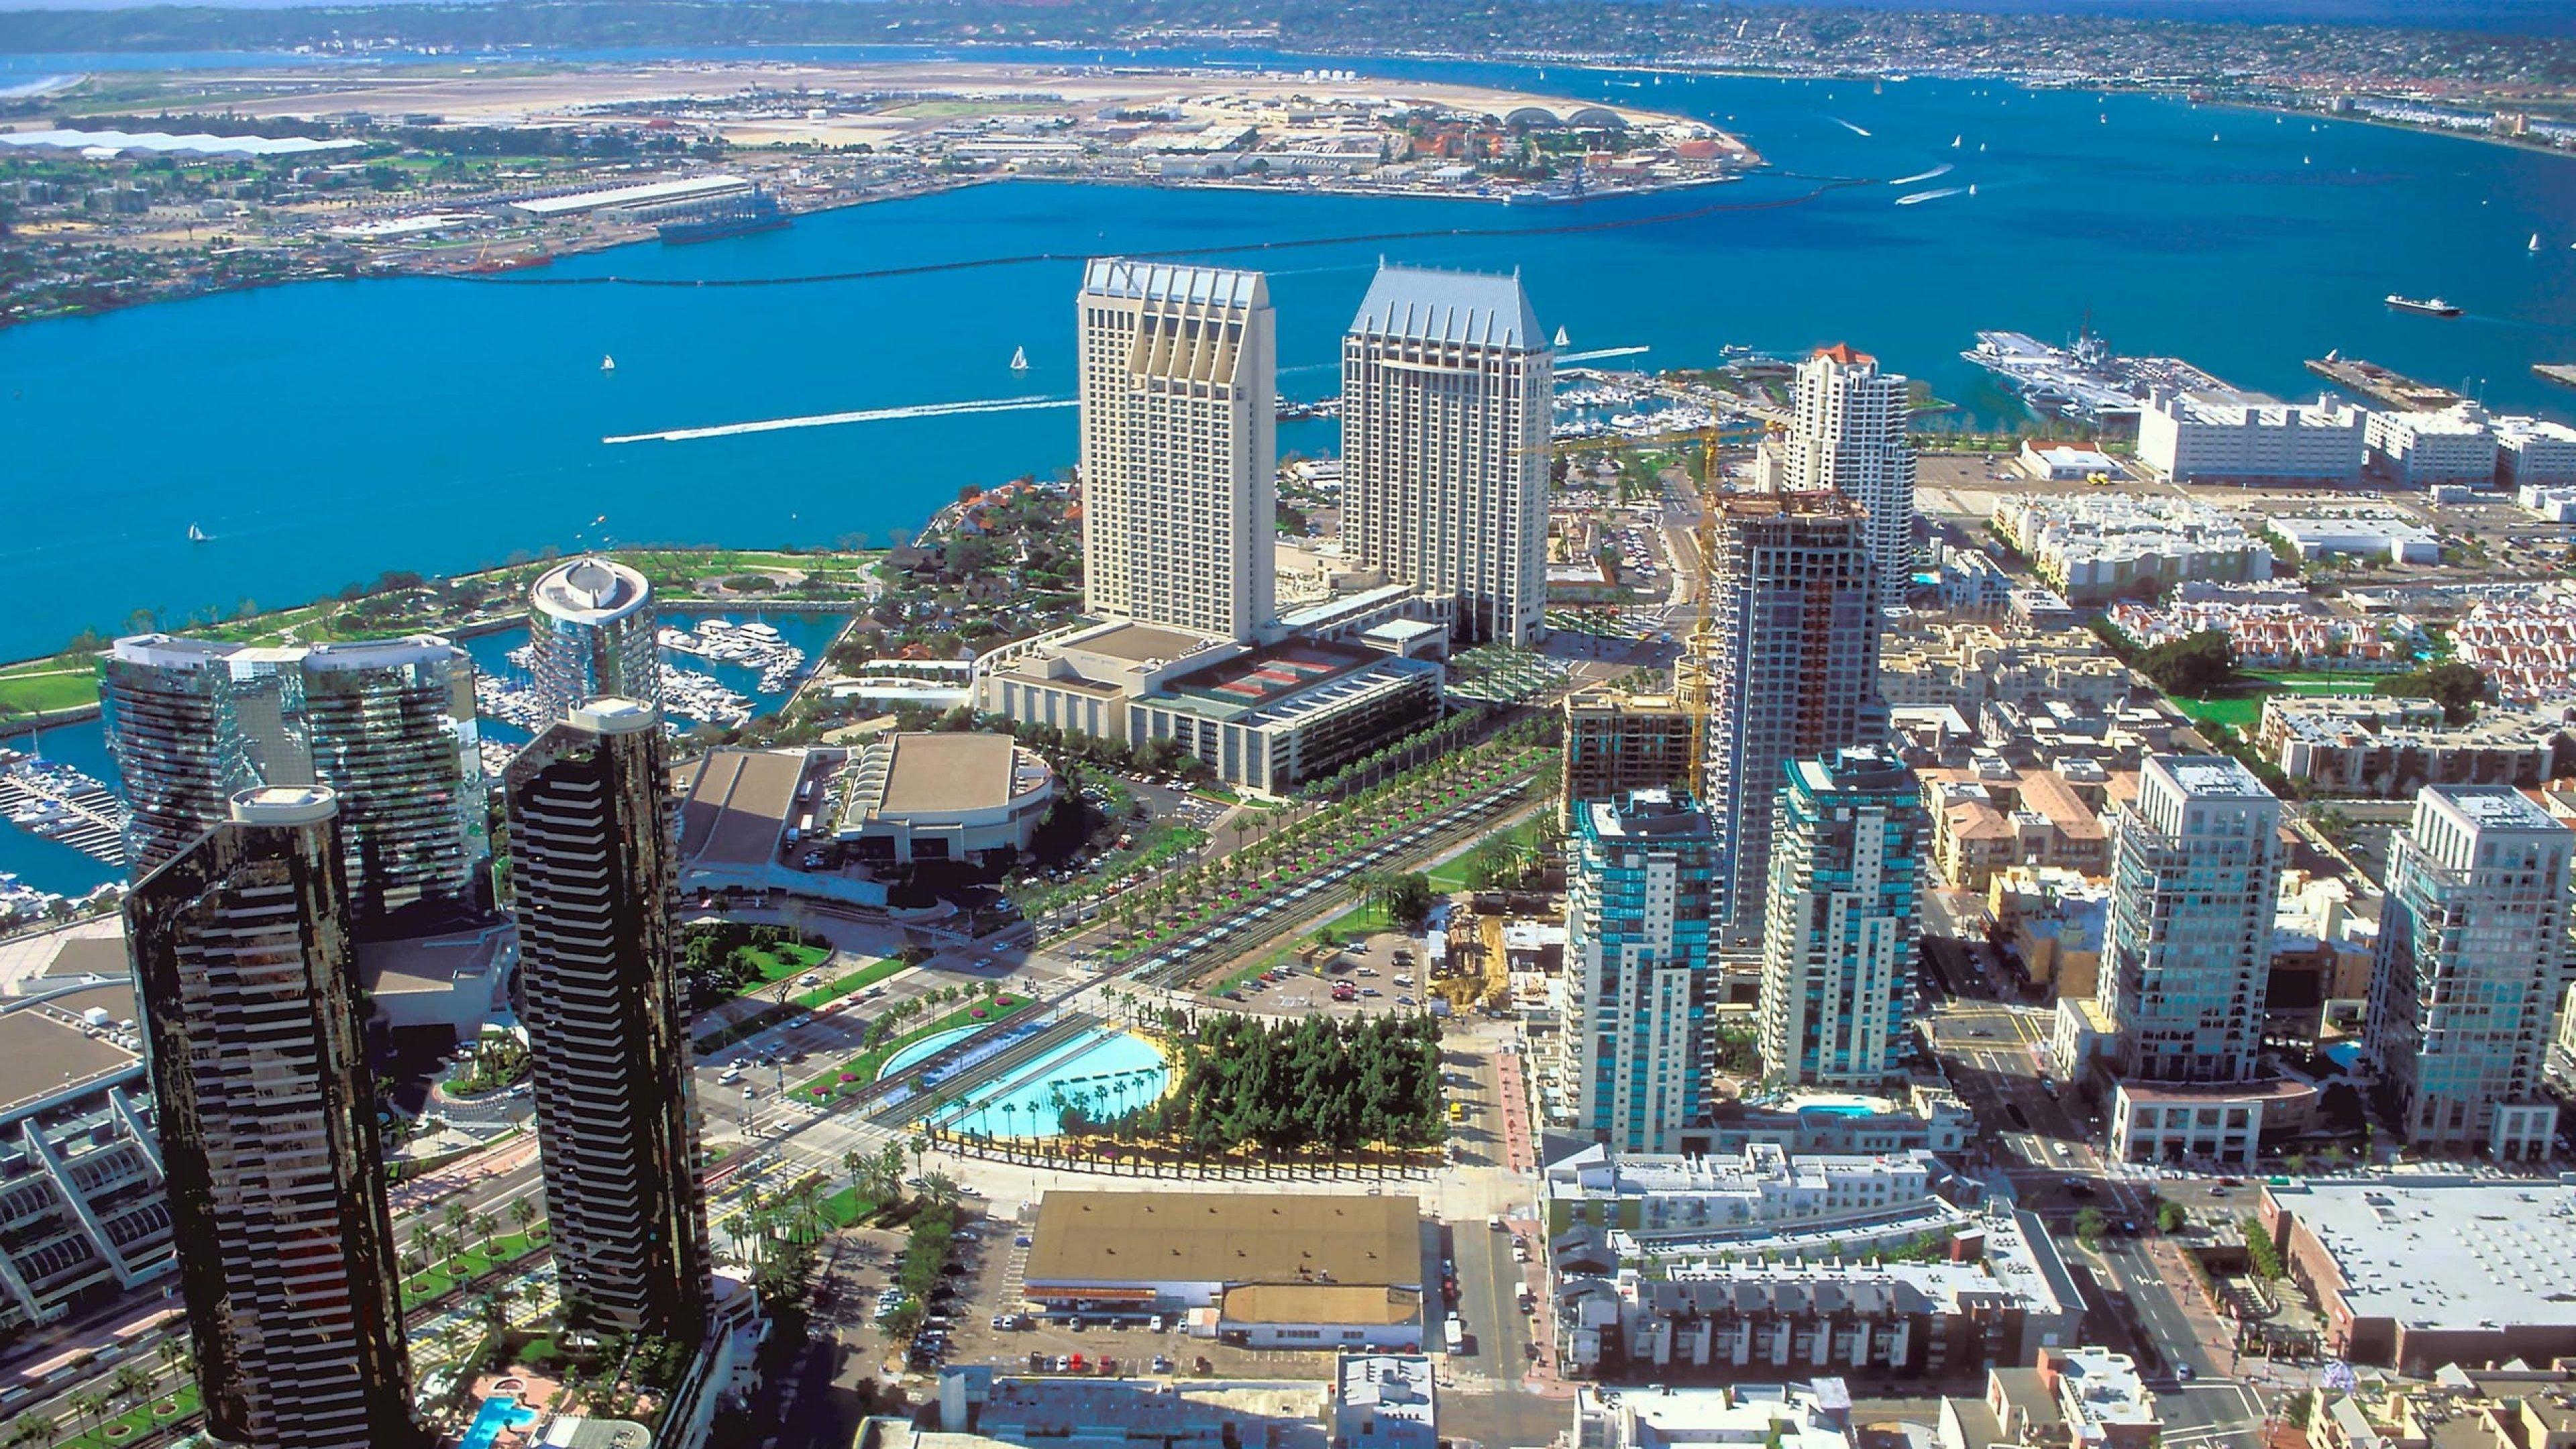 San Diego City Widescreen Wallpaper 14131 3840x2160   uMadcom 3840x2160